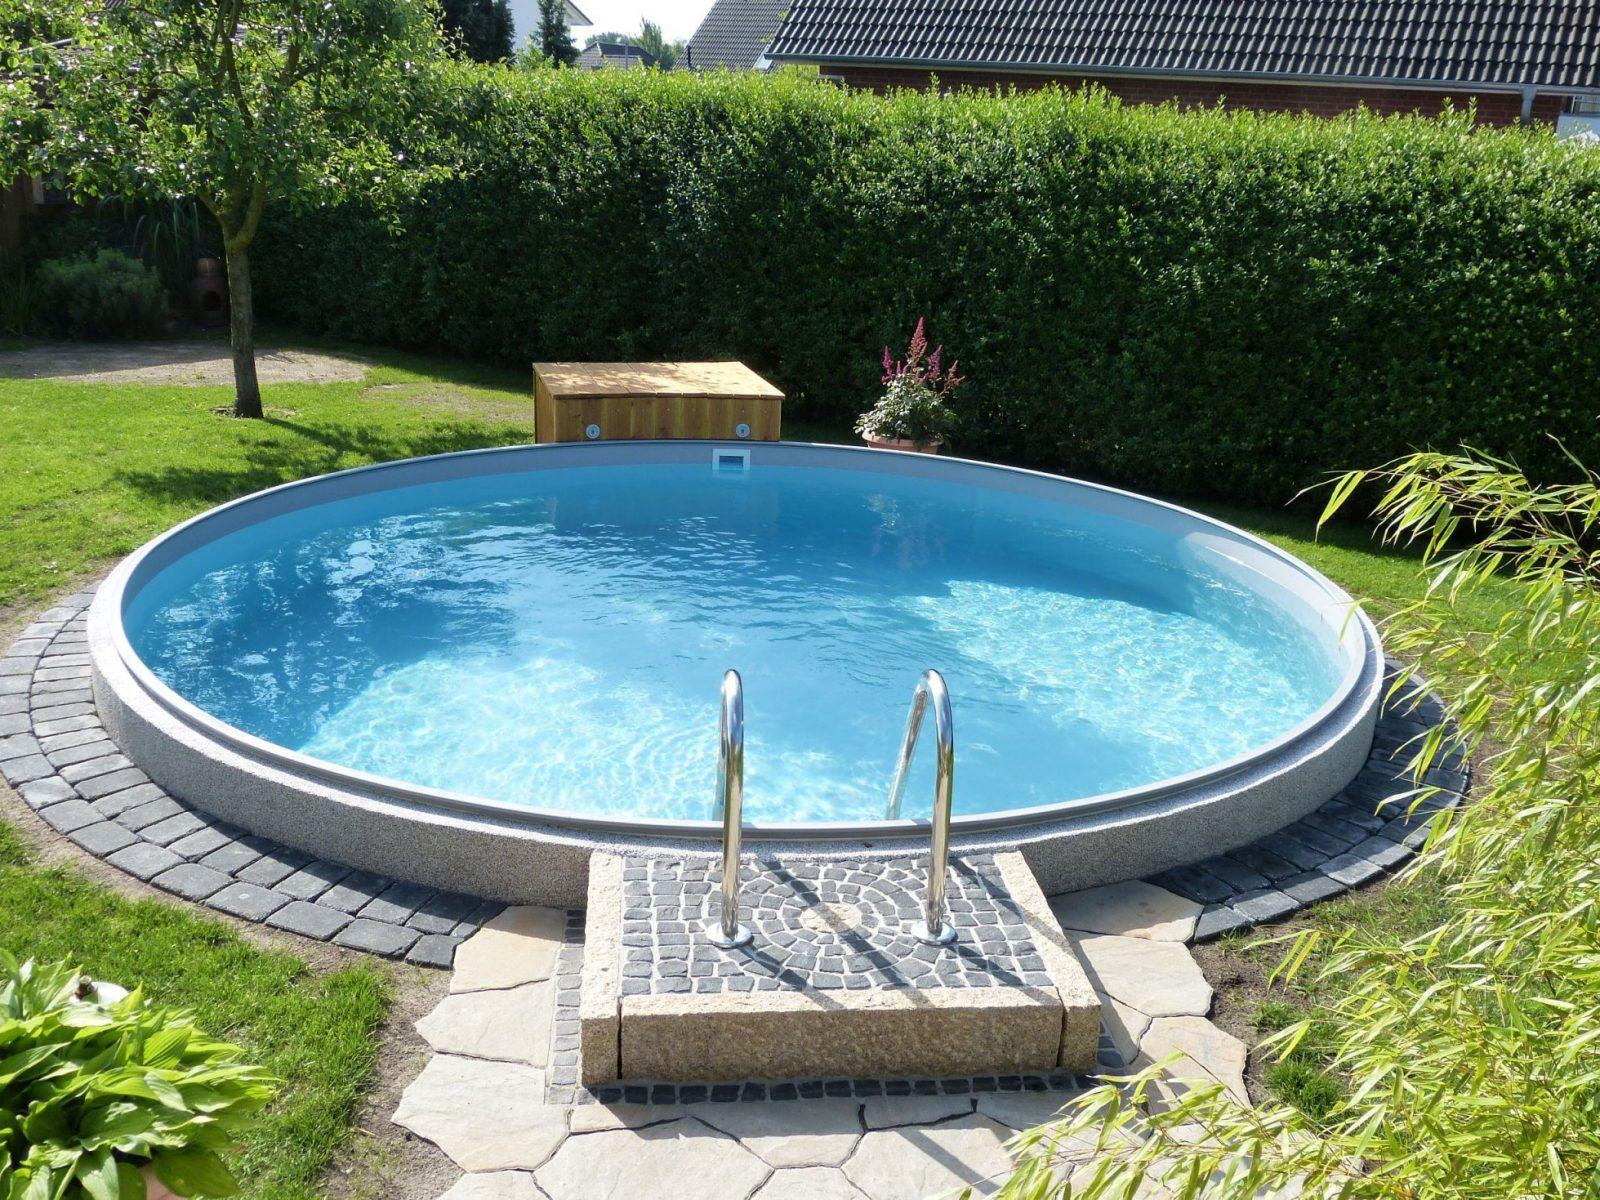 Poolakademie  Bauen Sie Ihren Pool Selbst Wir Helfen Ihnen von Kleiner Pool Im Garten Selber Bauen Photo